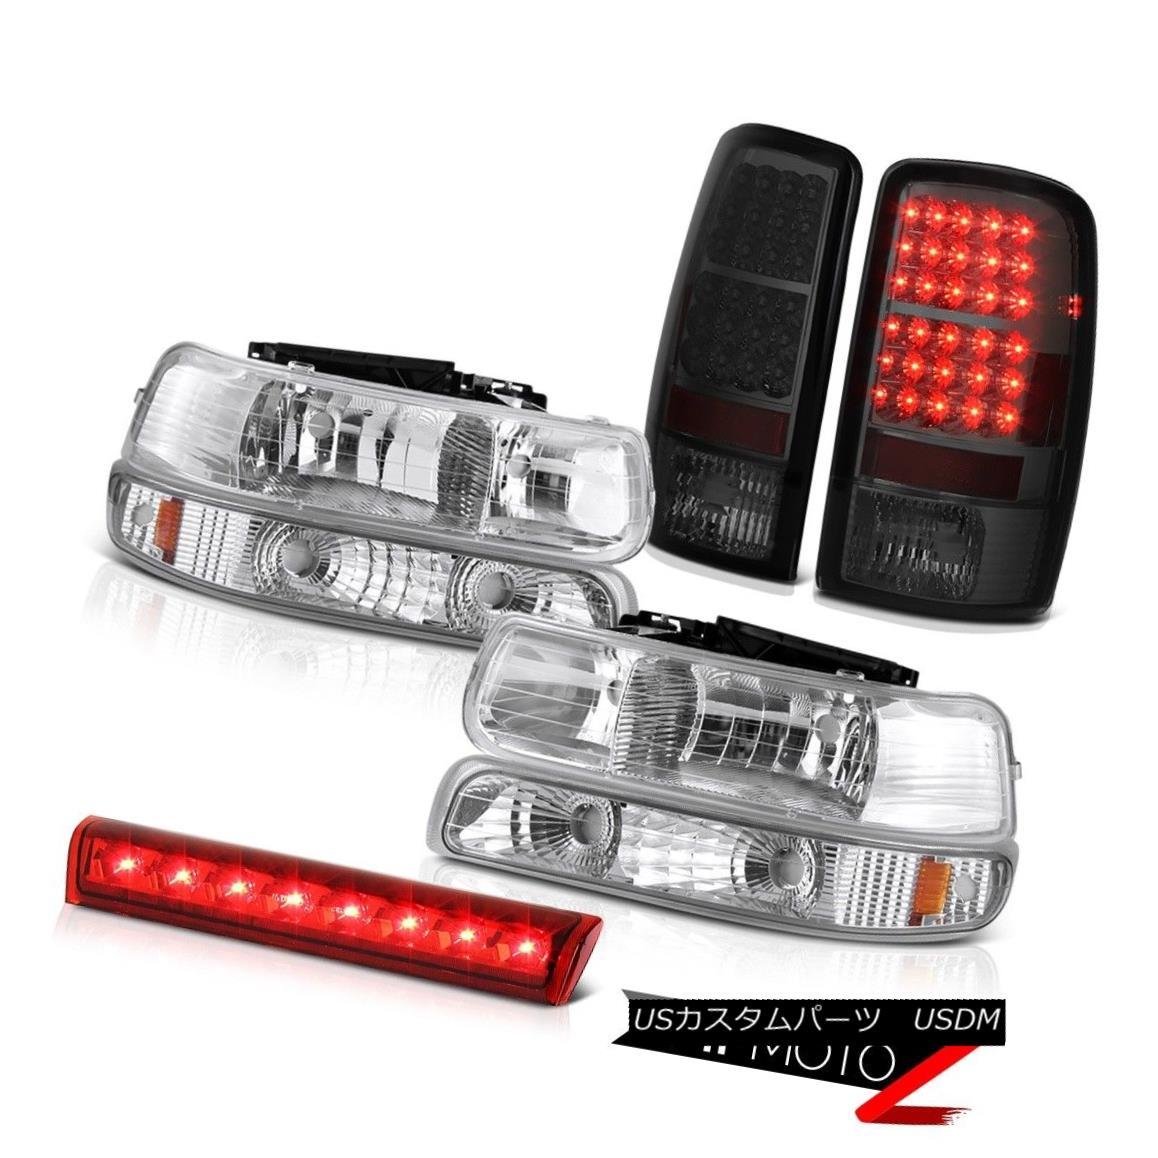 ヘッドライト 2000-2006 Suburban 5.7L Signal Headlights Smoke LED Brake Lamps Wine Red Third 2000-2006郊外5.7L信号ヘッドライトスモークLEDブレーキランプワインレッド3